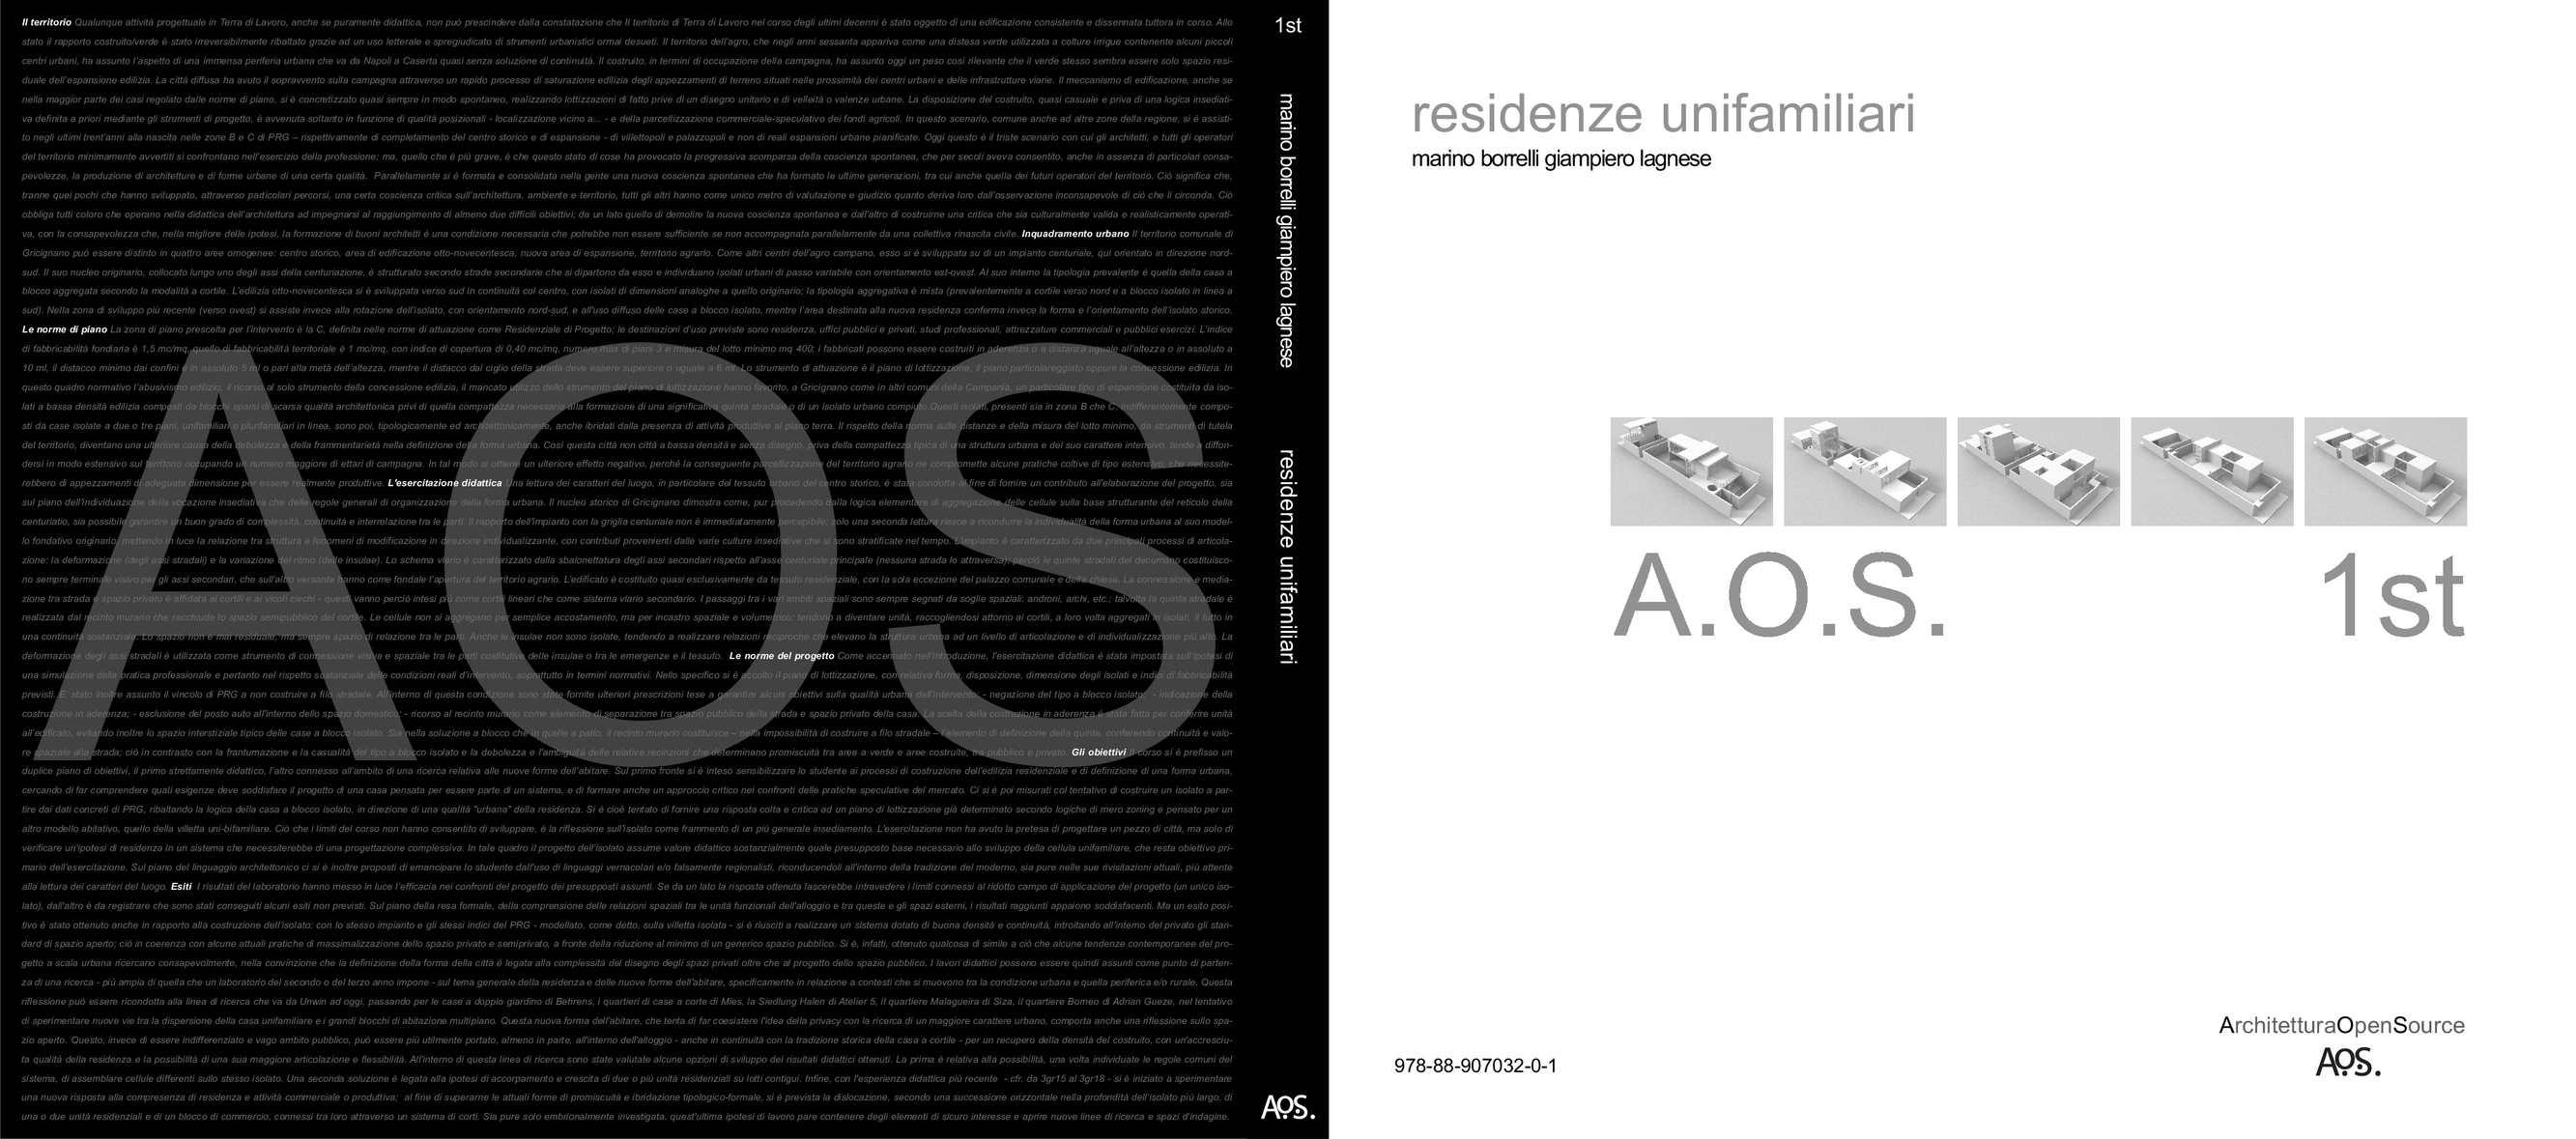 Residenze Unifamiliari di Marino Borrelli e Giampiero Lagnese, Aos edizioni Napoli 2012